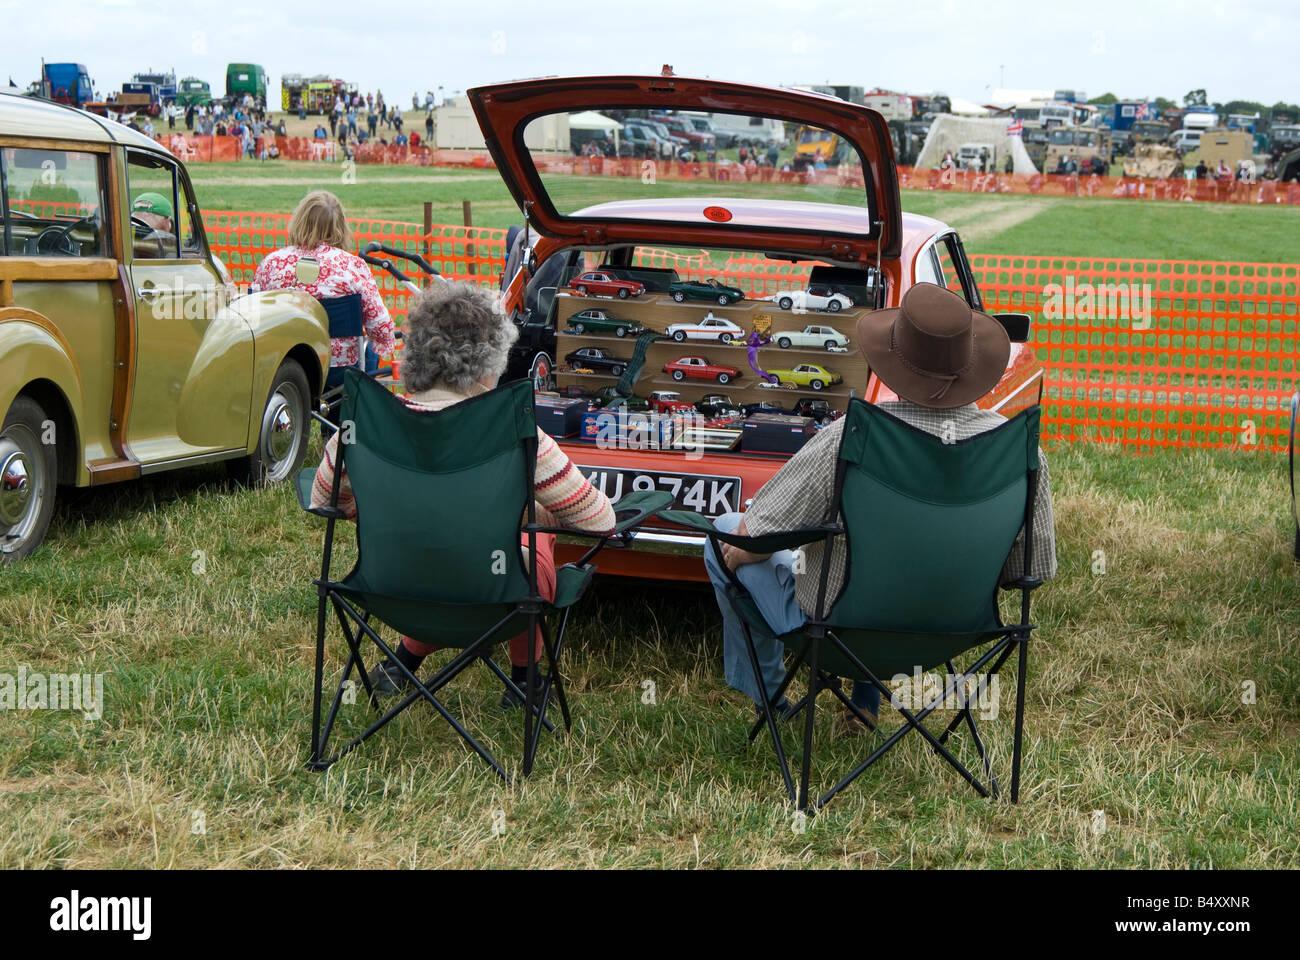 Ein paar setzen Sie sich mit ihrer MGB-Sportwagen, bei einer Rallye Enthusiasten in ist eine Sammlung von Modellautos Stockbild